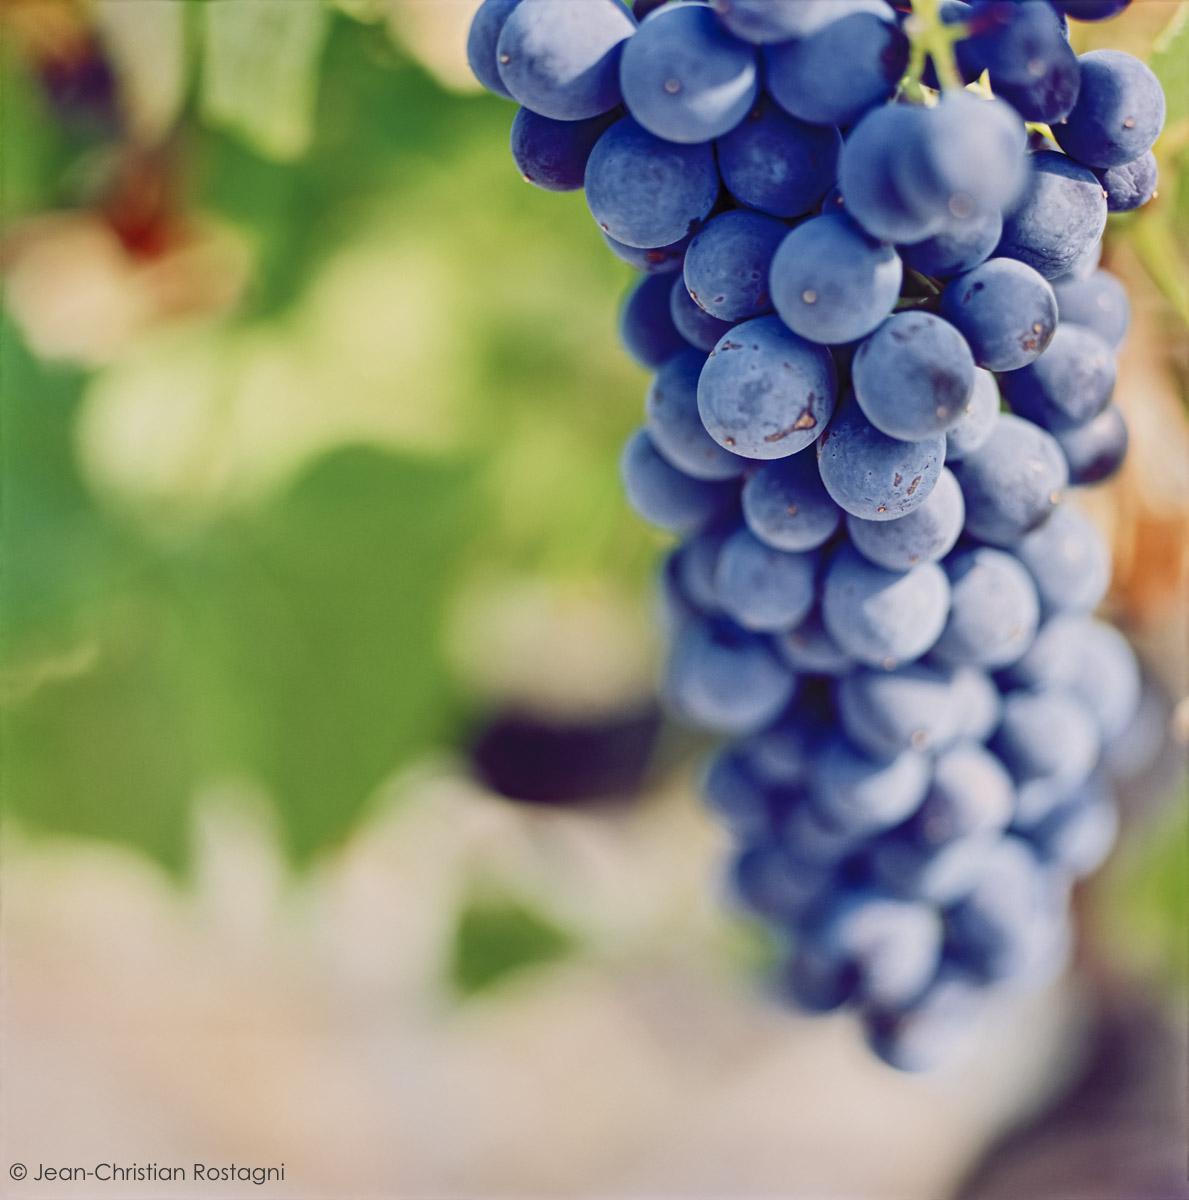 raisins, grape